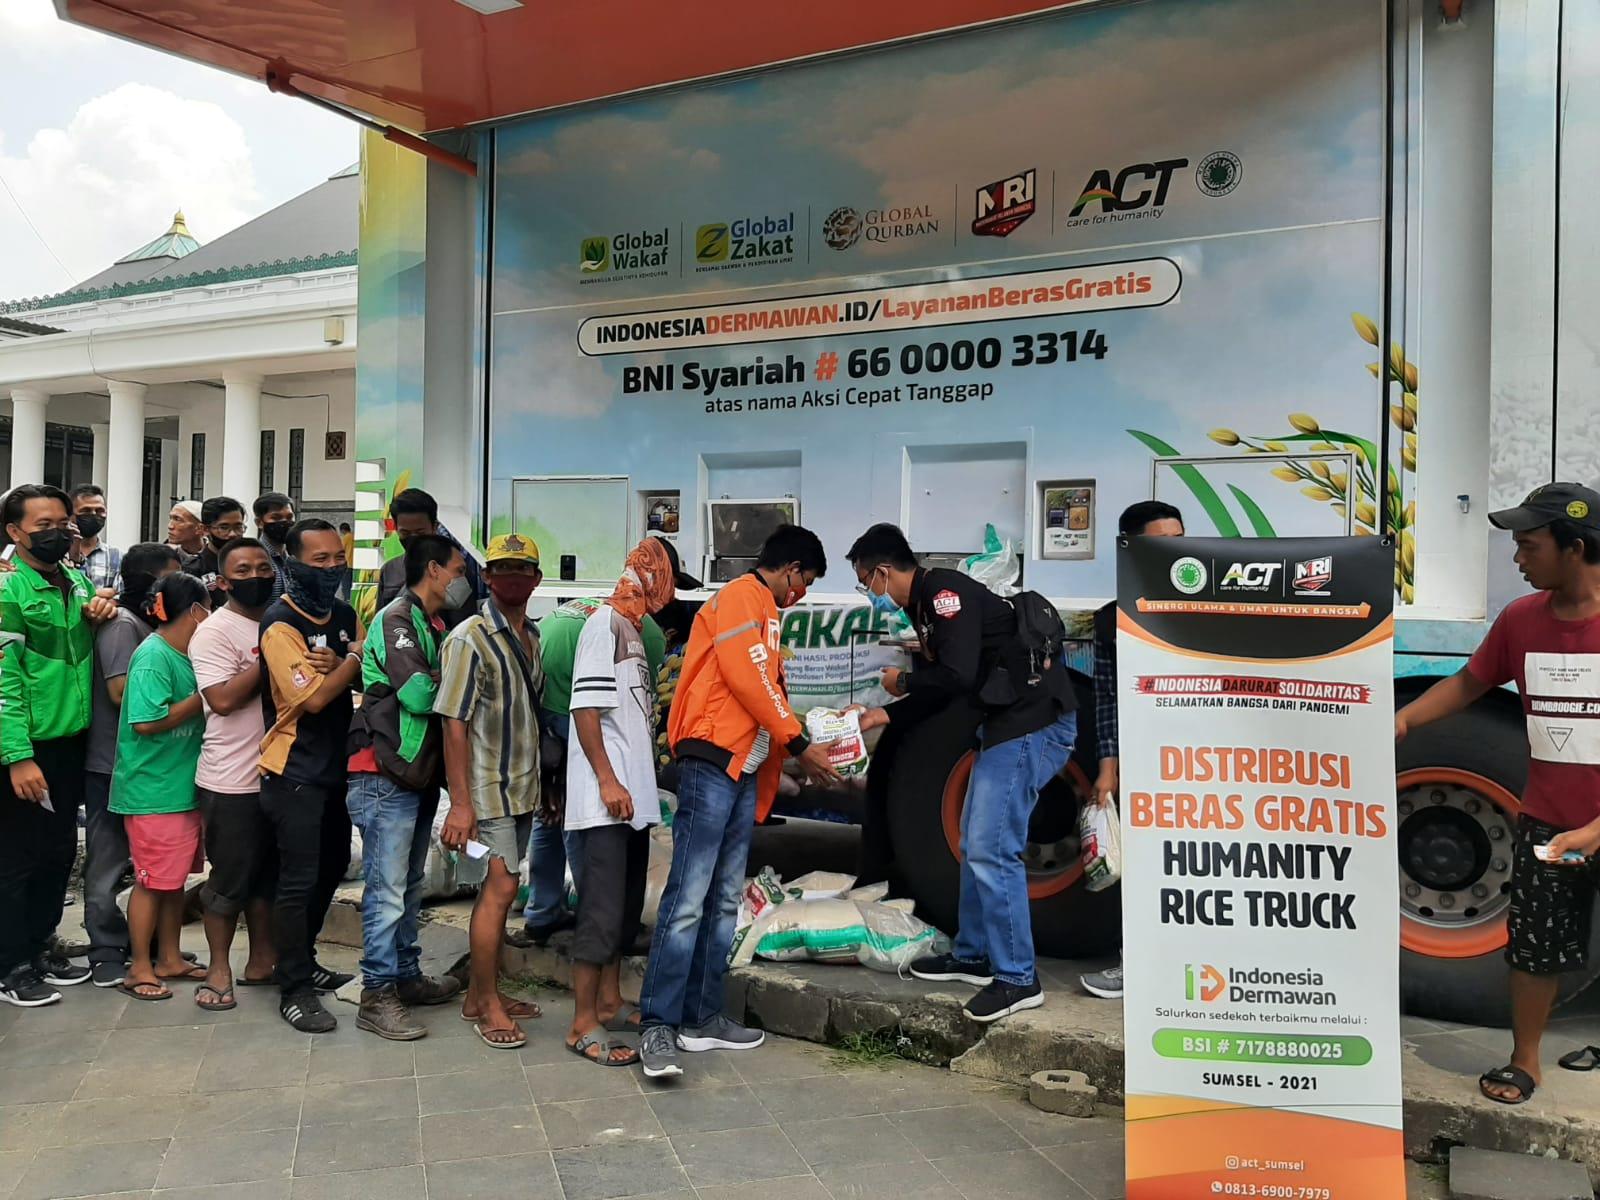 Aksi Cepat Tanggap [ACT] Sumsel memperkenalkan armada terbaru Humanity Rice Truck 2.0 Senin [4/10/2021] di Masjid Agung, Palembang.